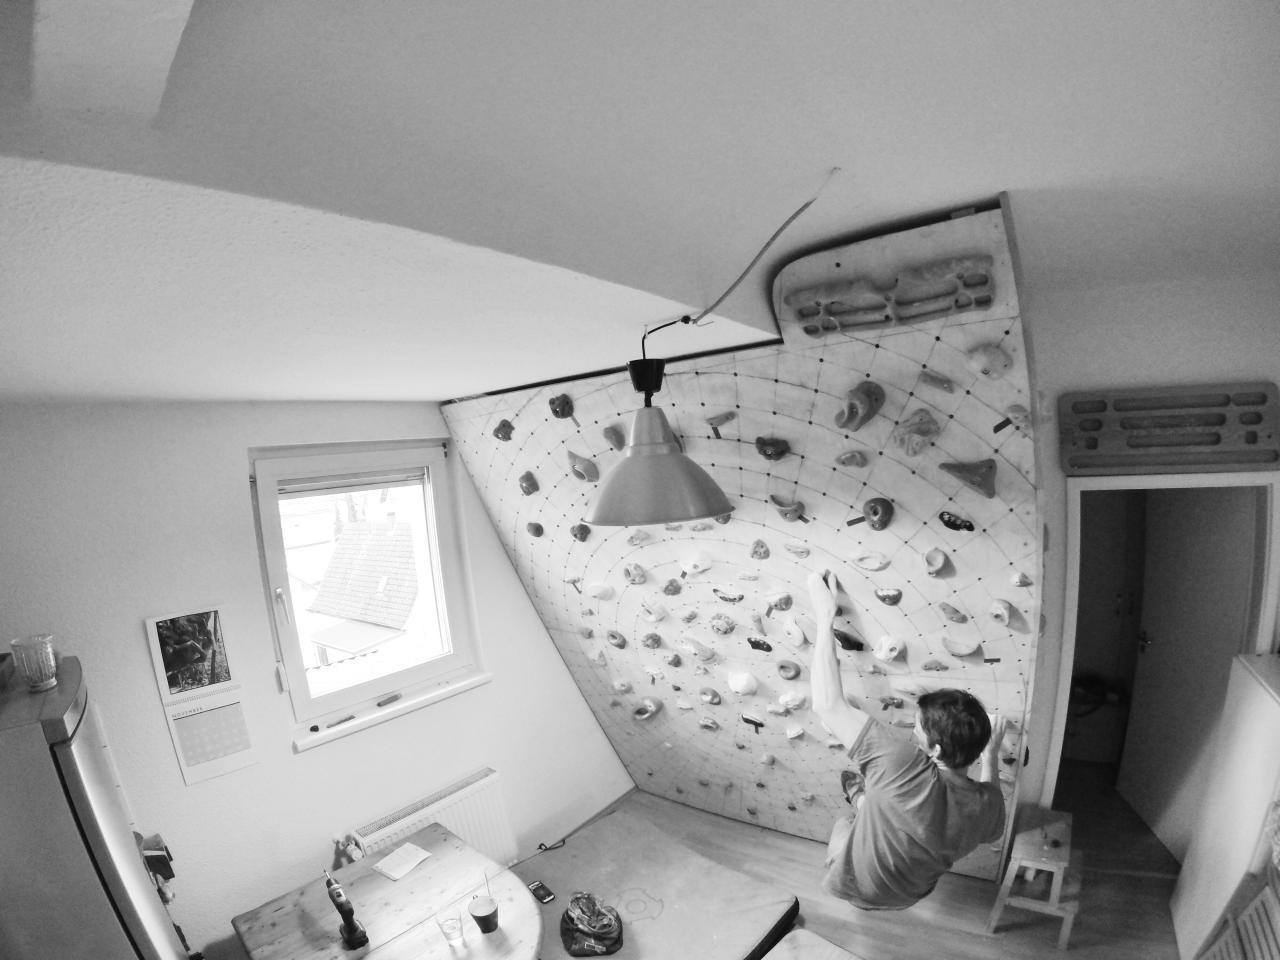 A picture from Edingen Neckarhausen by Tom Turnaround